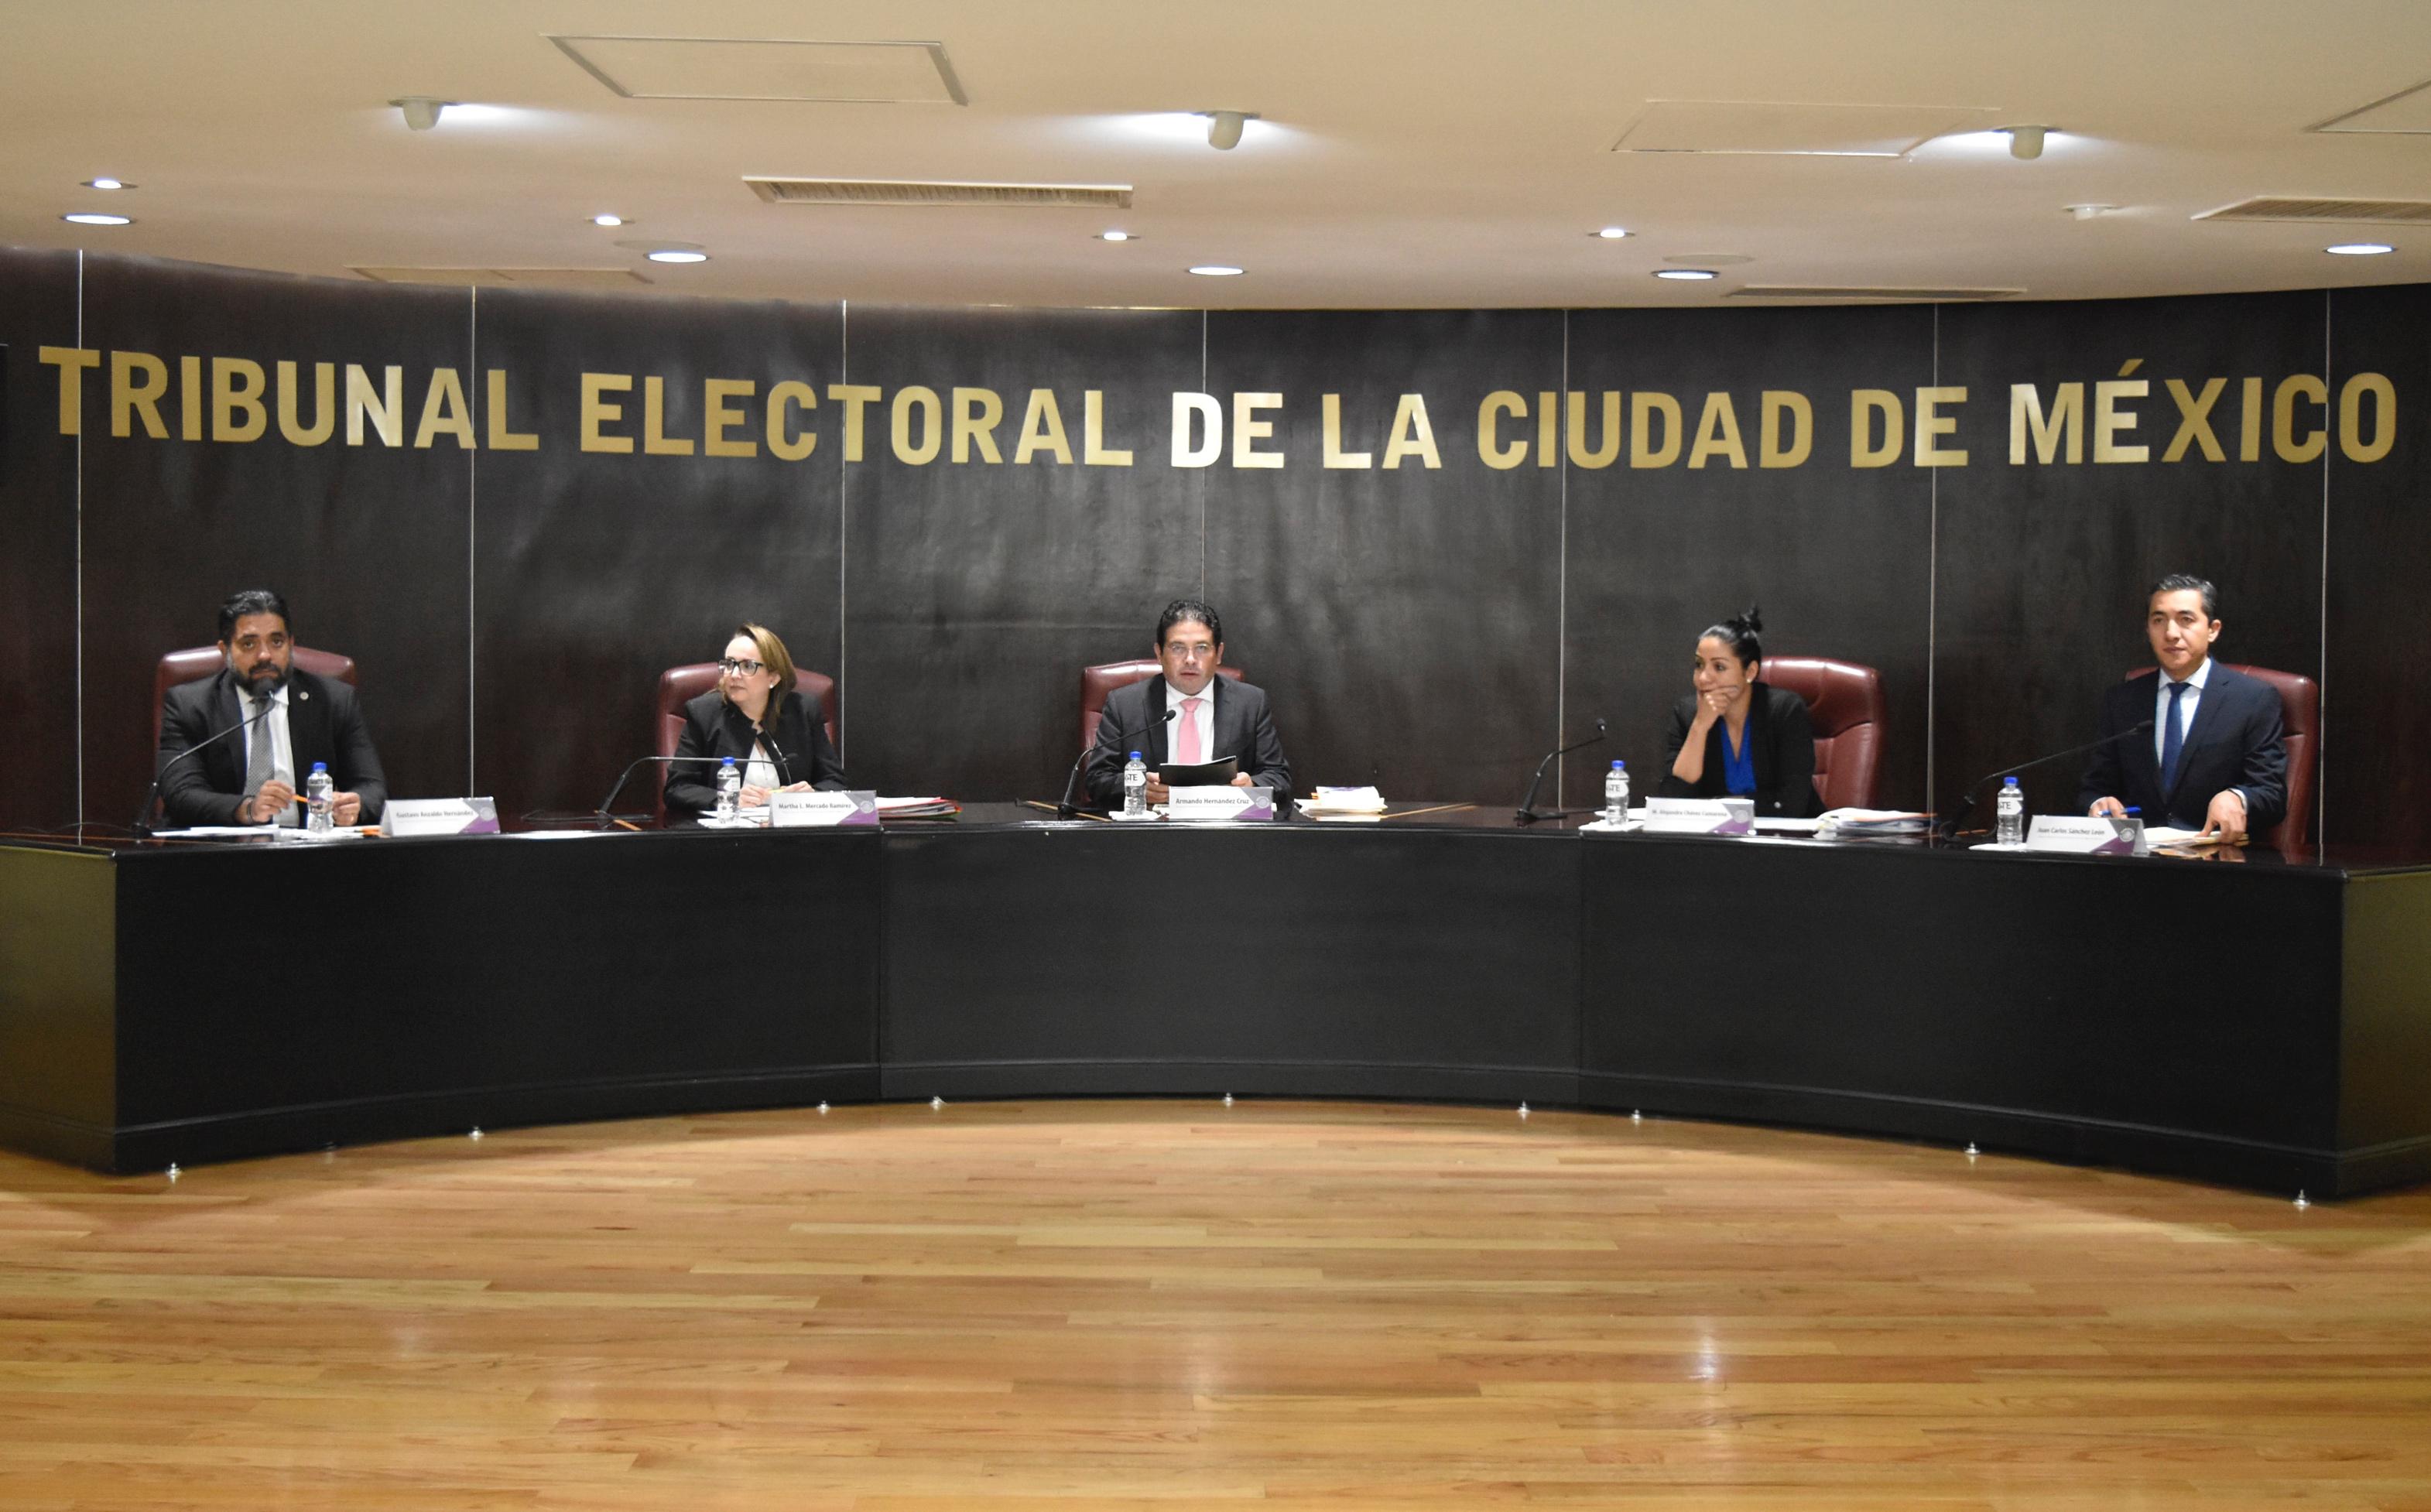 Declara TECDMX improcedente la renuncia de Dulce María Jurado Ávila a la candidatura